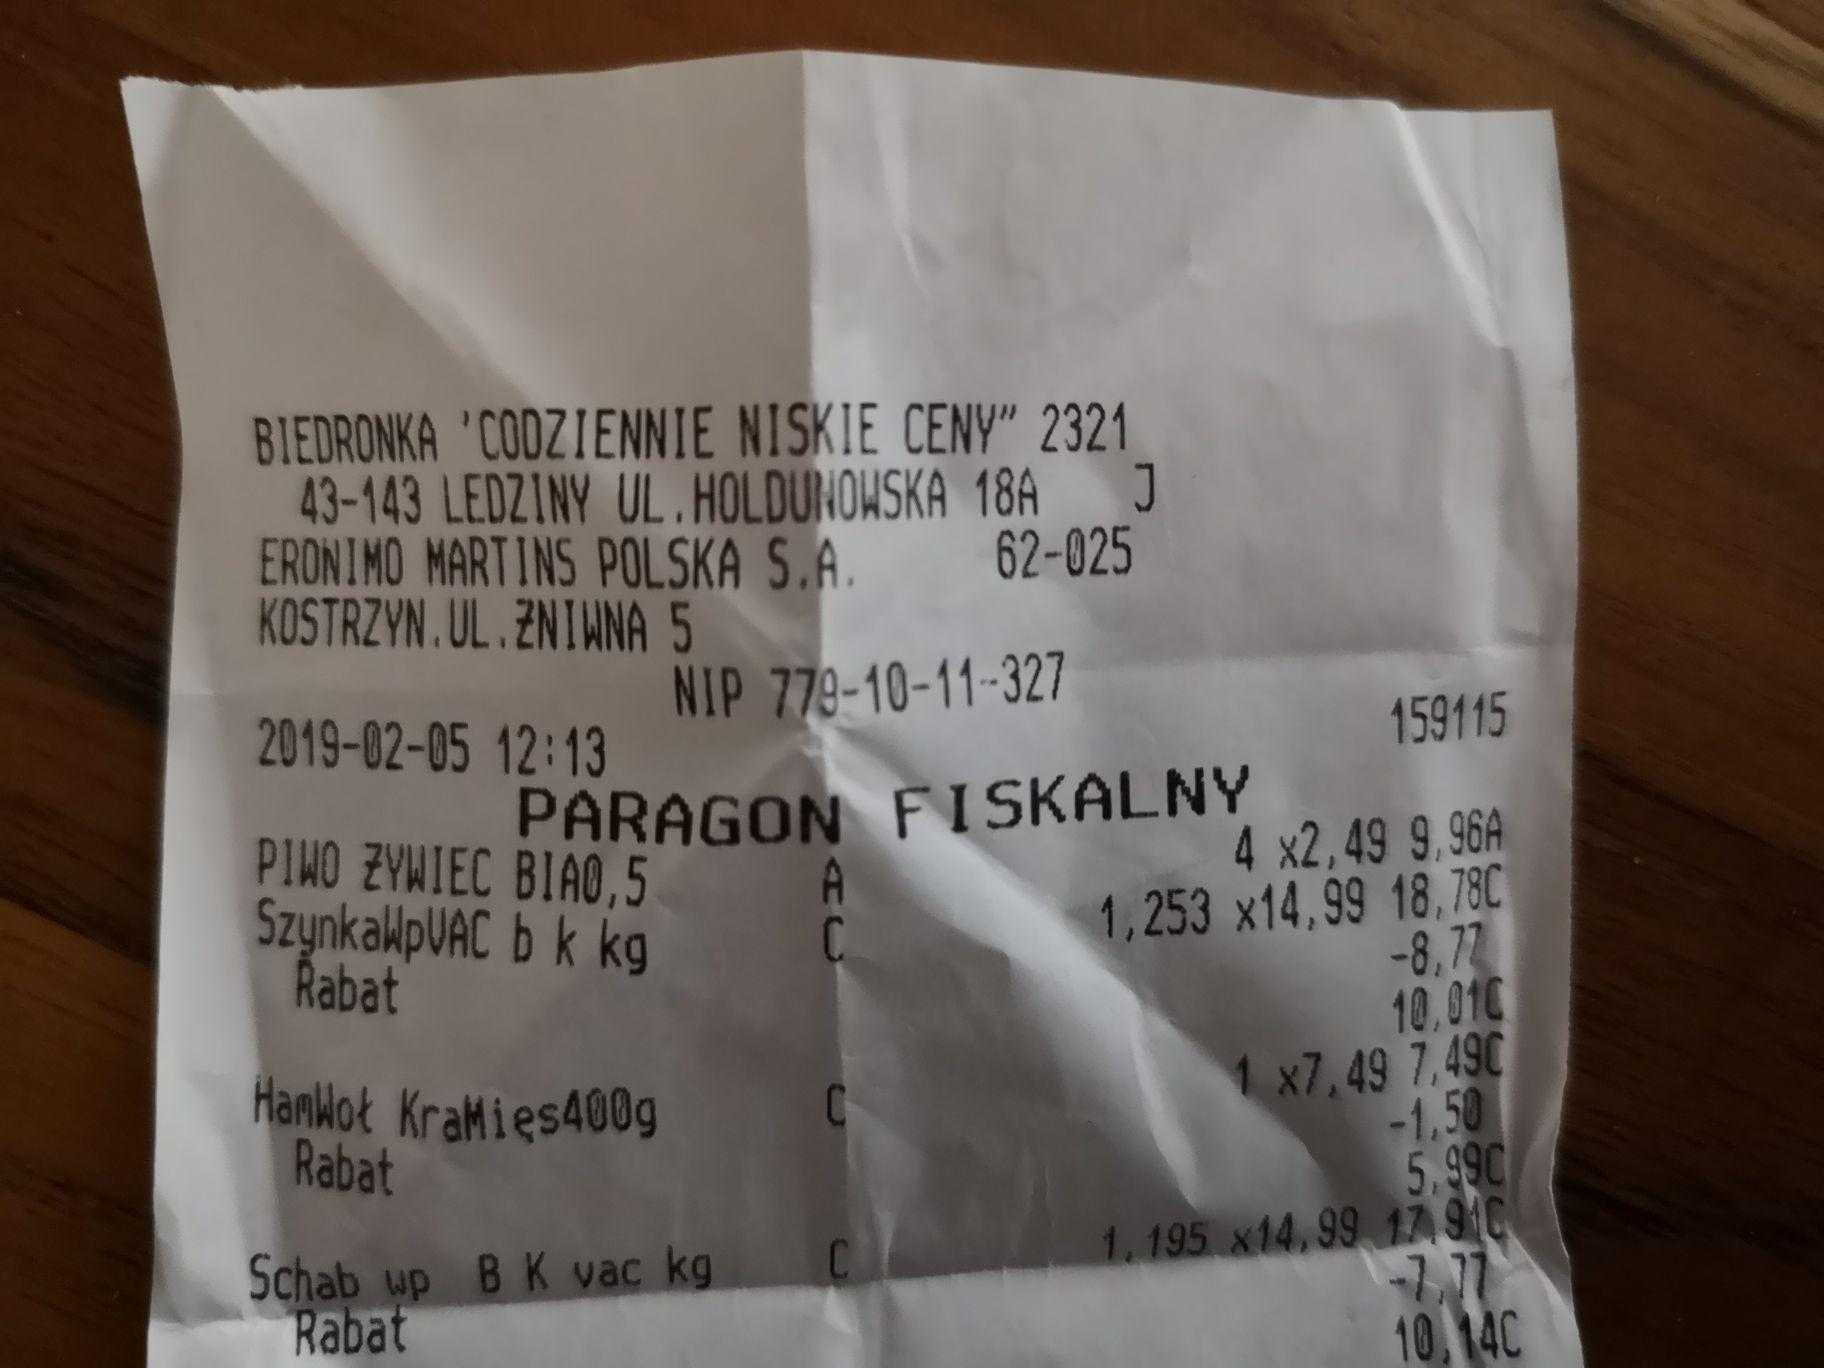 Żywiec białe w puszce po 2,49 w Biedronce